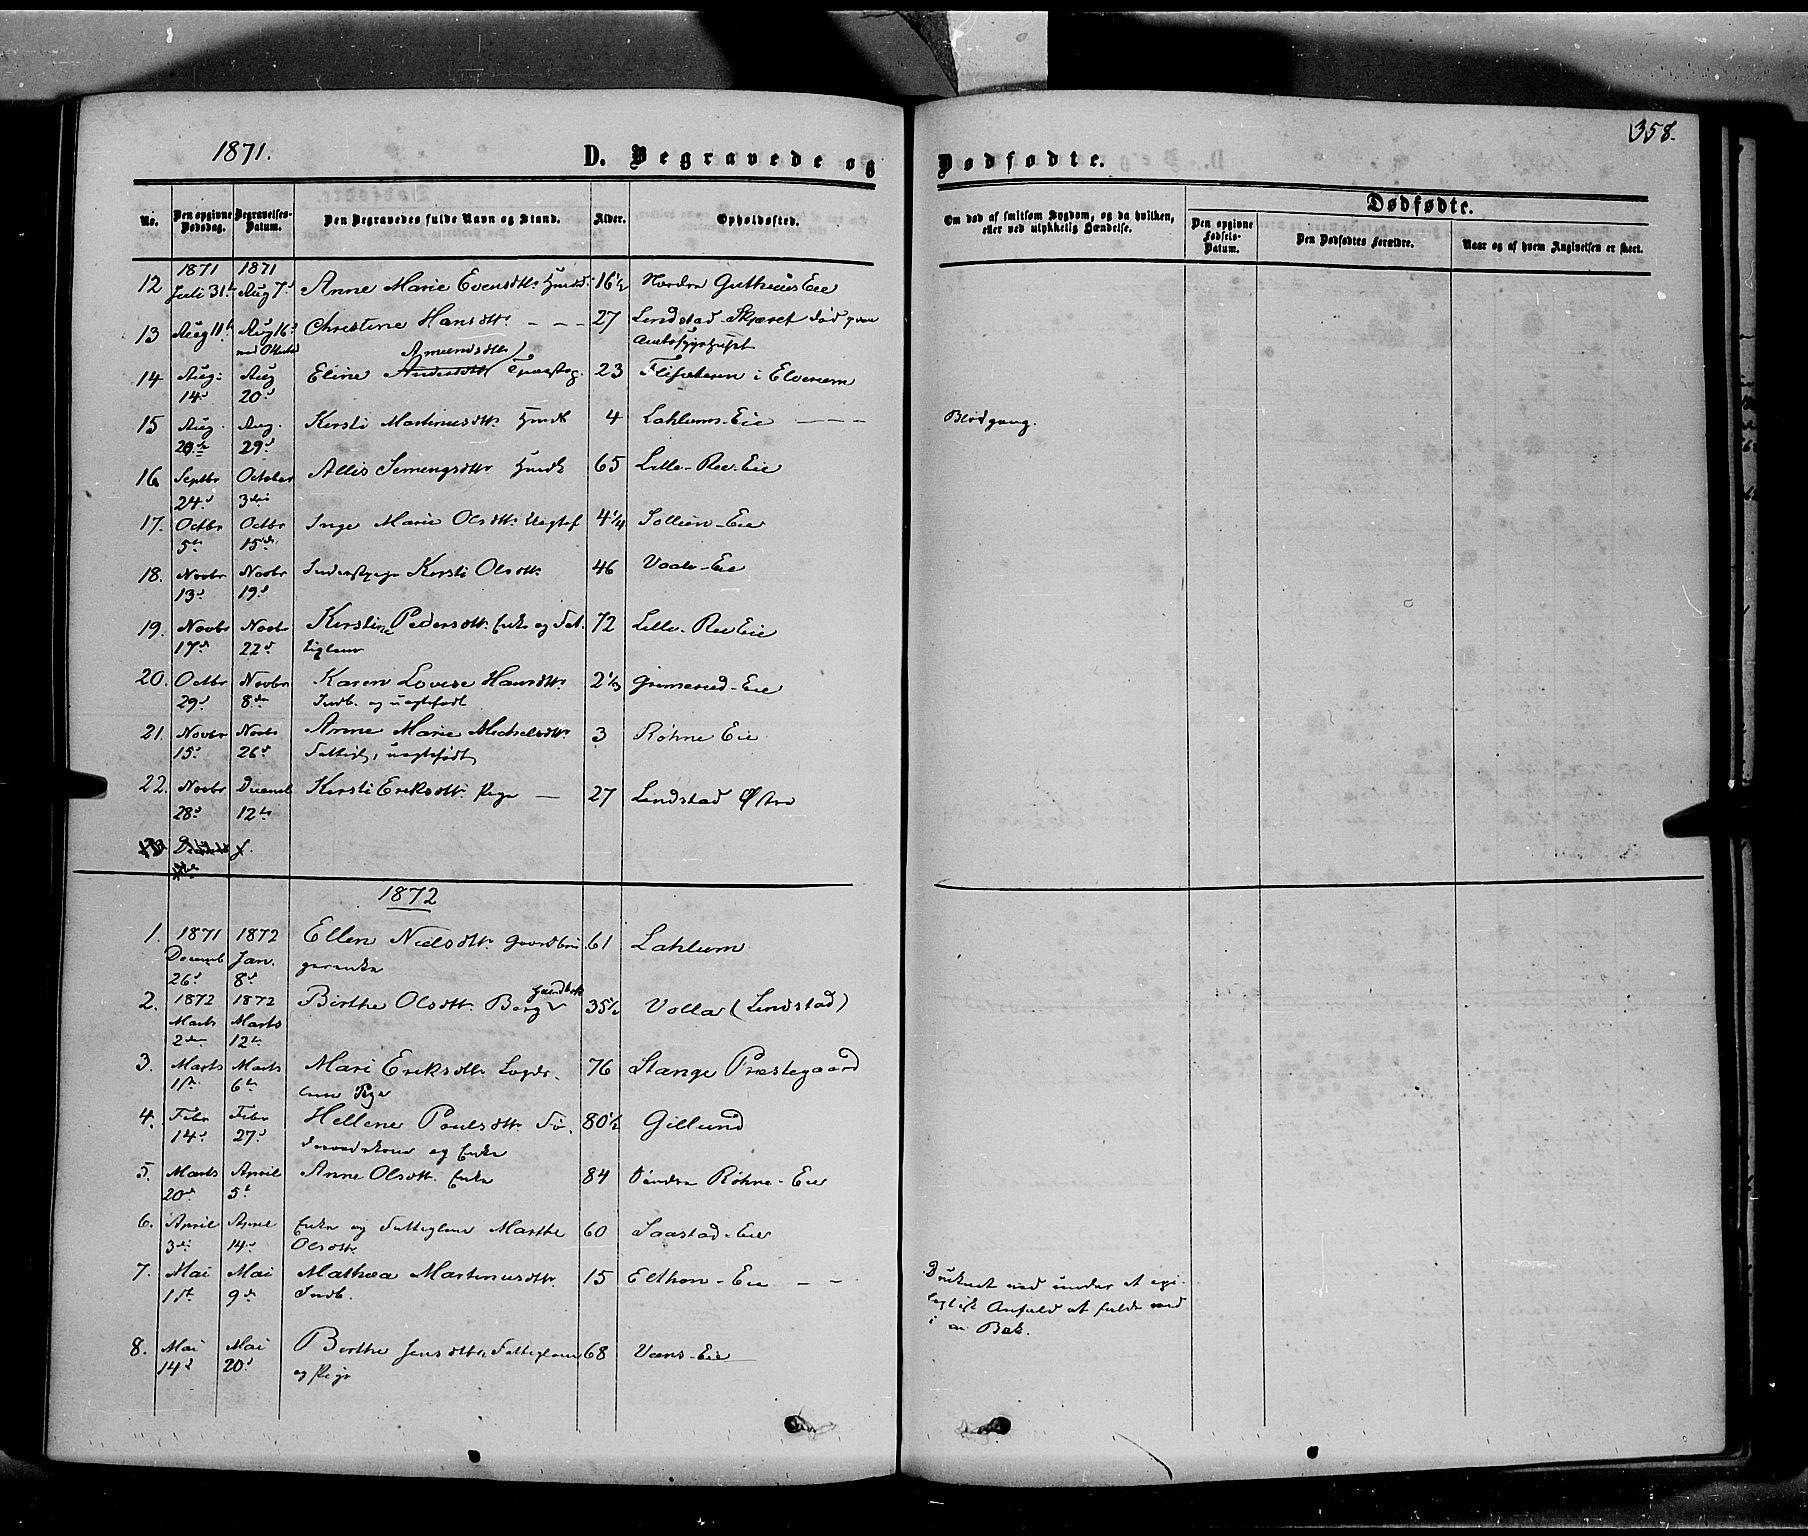 SAH, Stange prestekontor, K/L0013: Parish register (official) no. 13, 1862-1879, p. 358